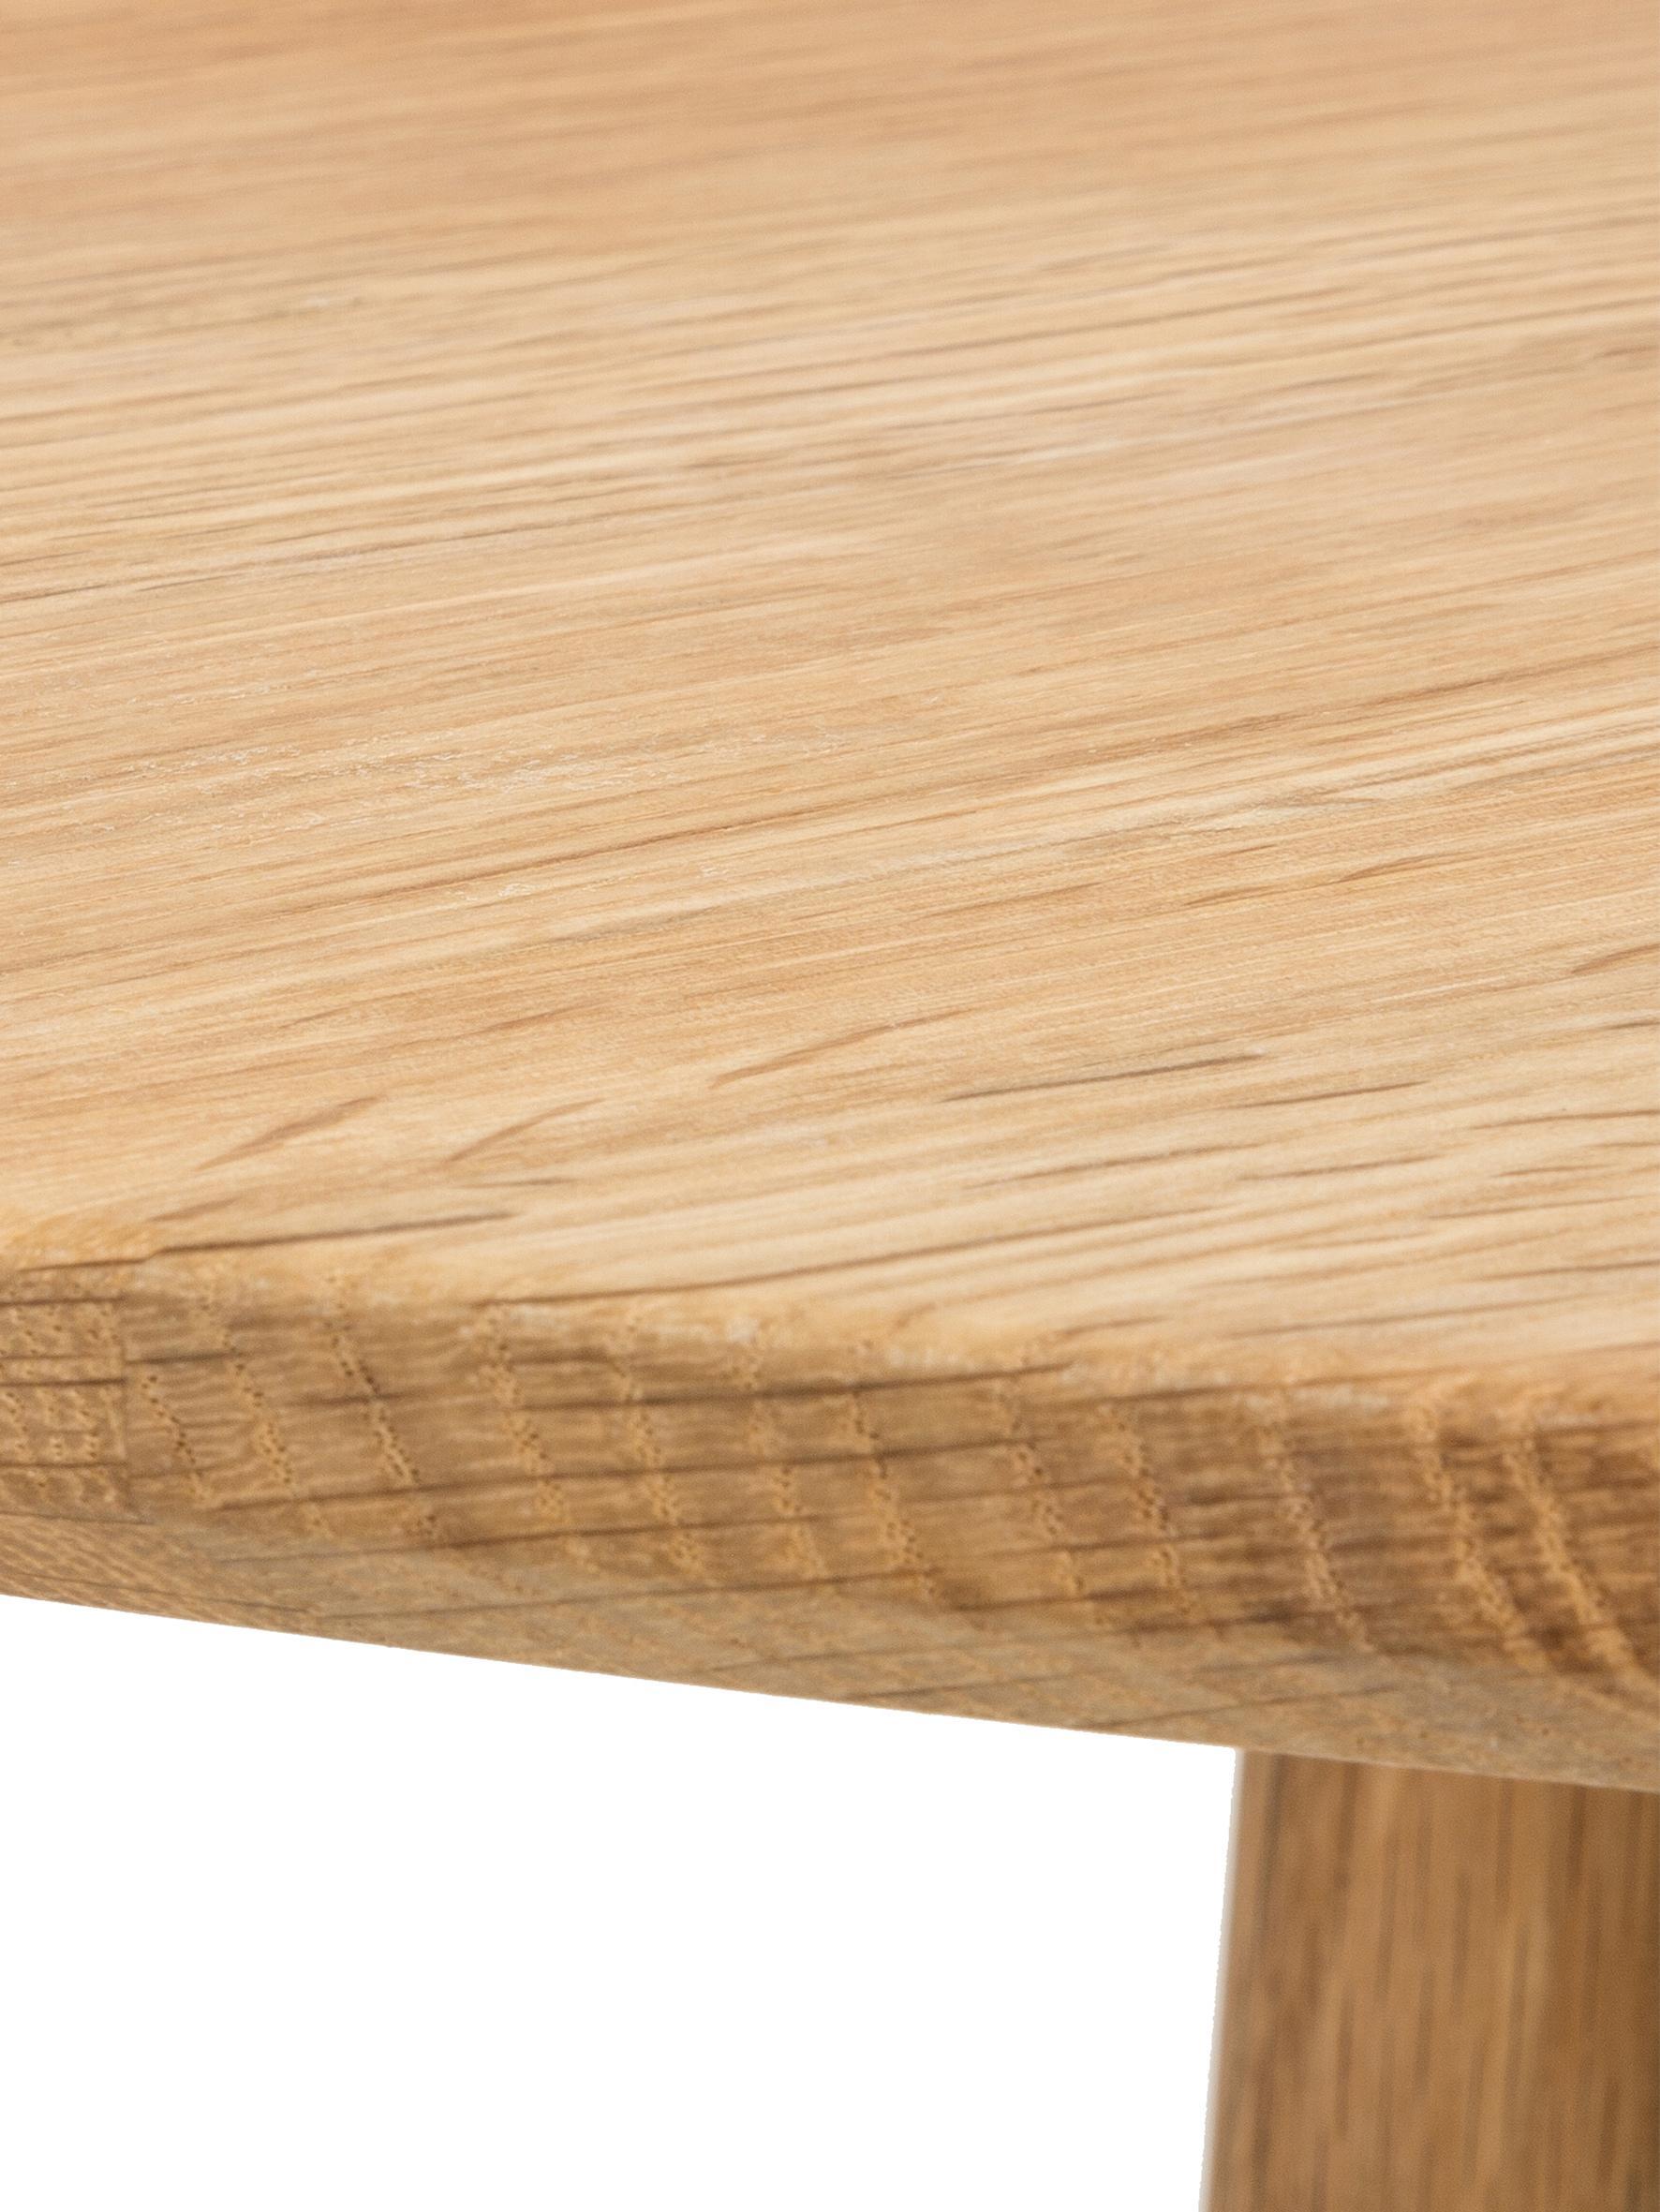 Runder Holz-Esstisch Yumi, Tischplatte: Mitteldichte Holzfaserpla, Beine: Eichenholz, massiv, Eichenholz, Ø 115 x H 74 cm